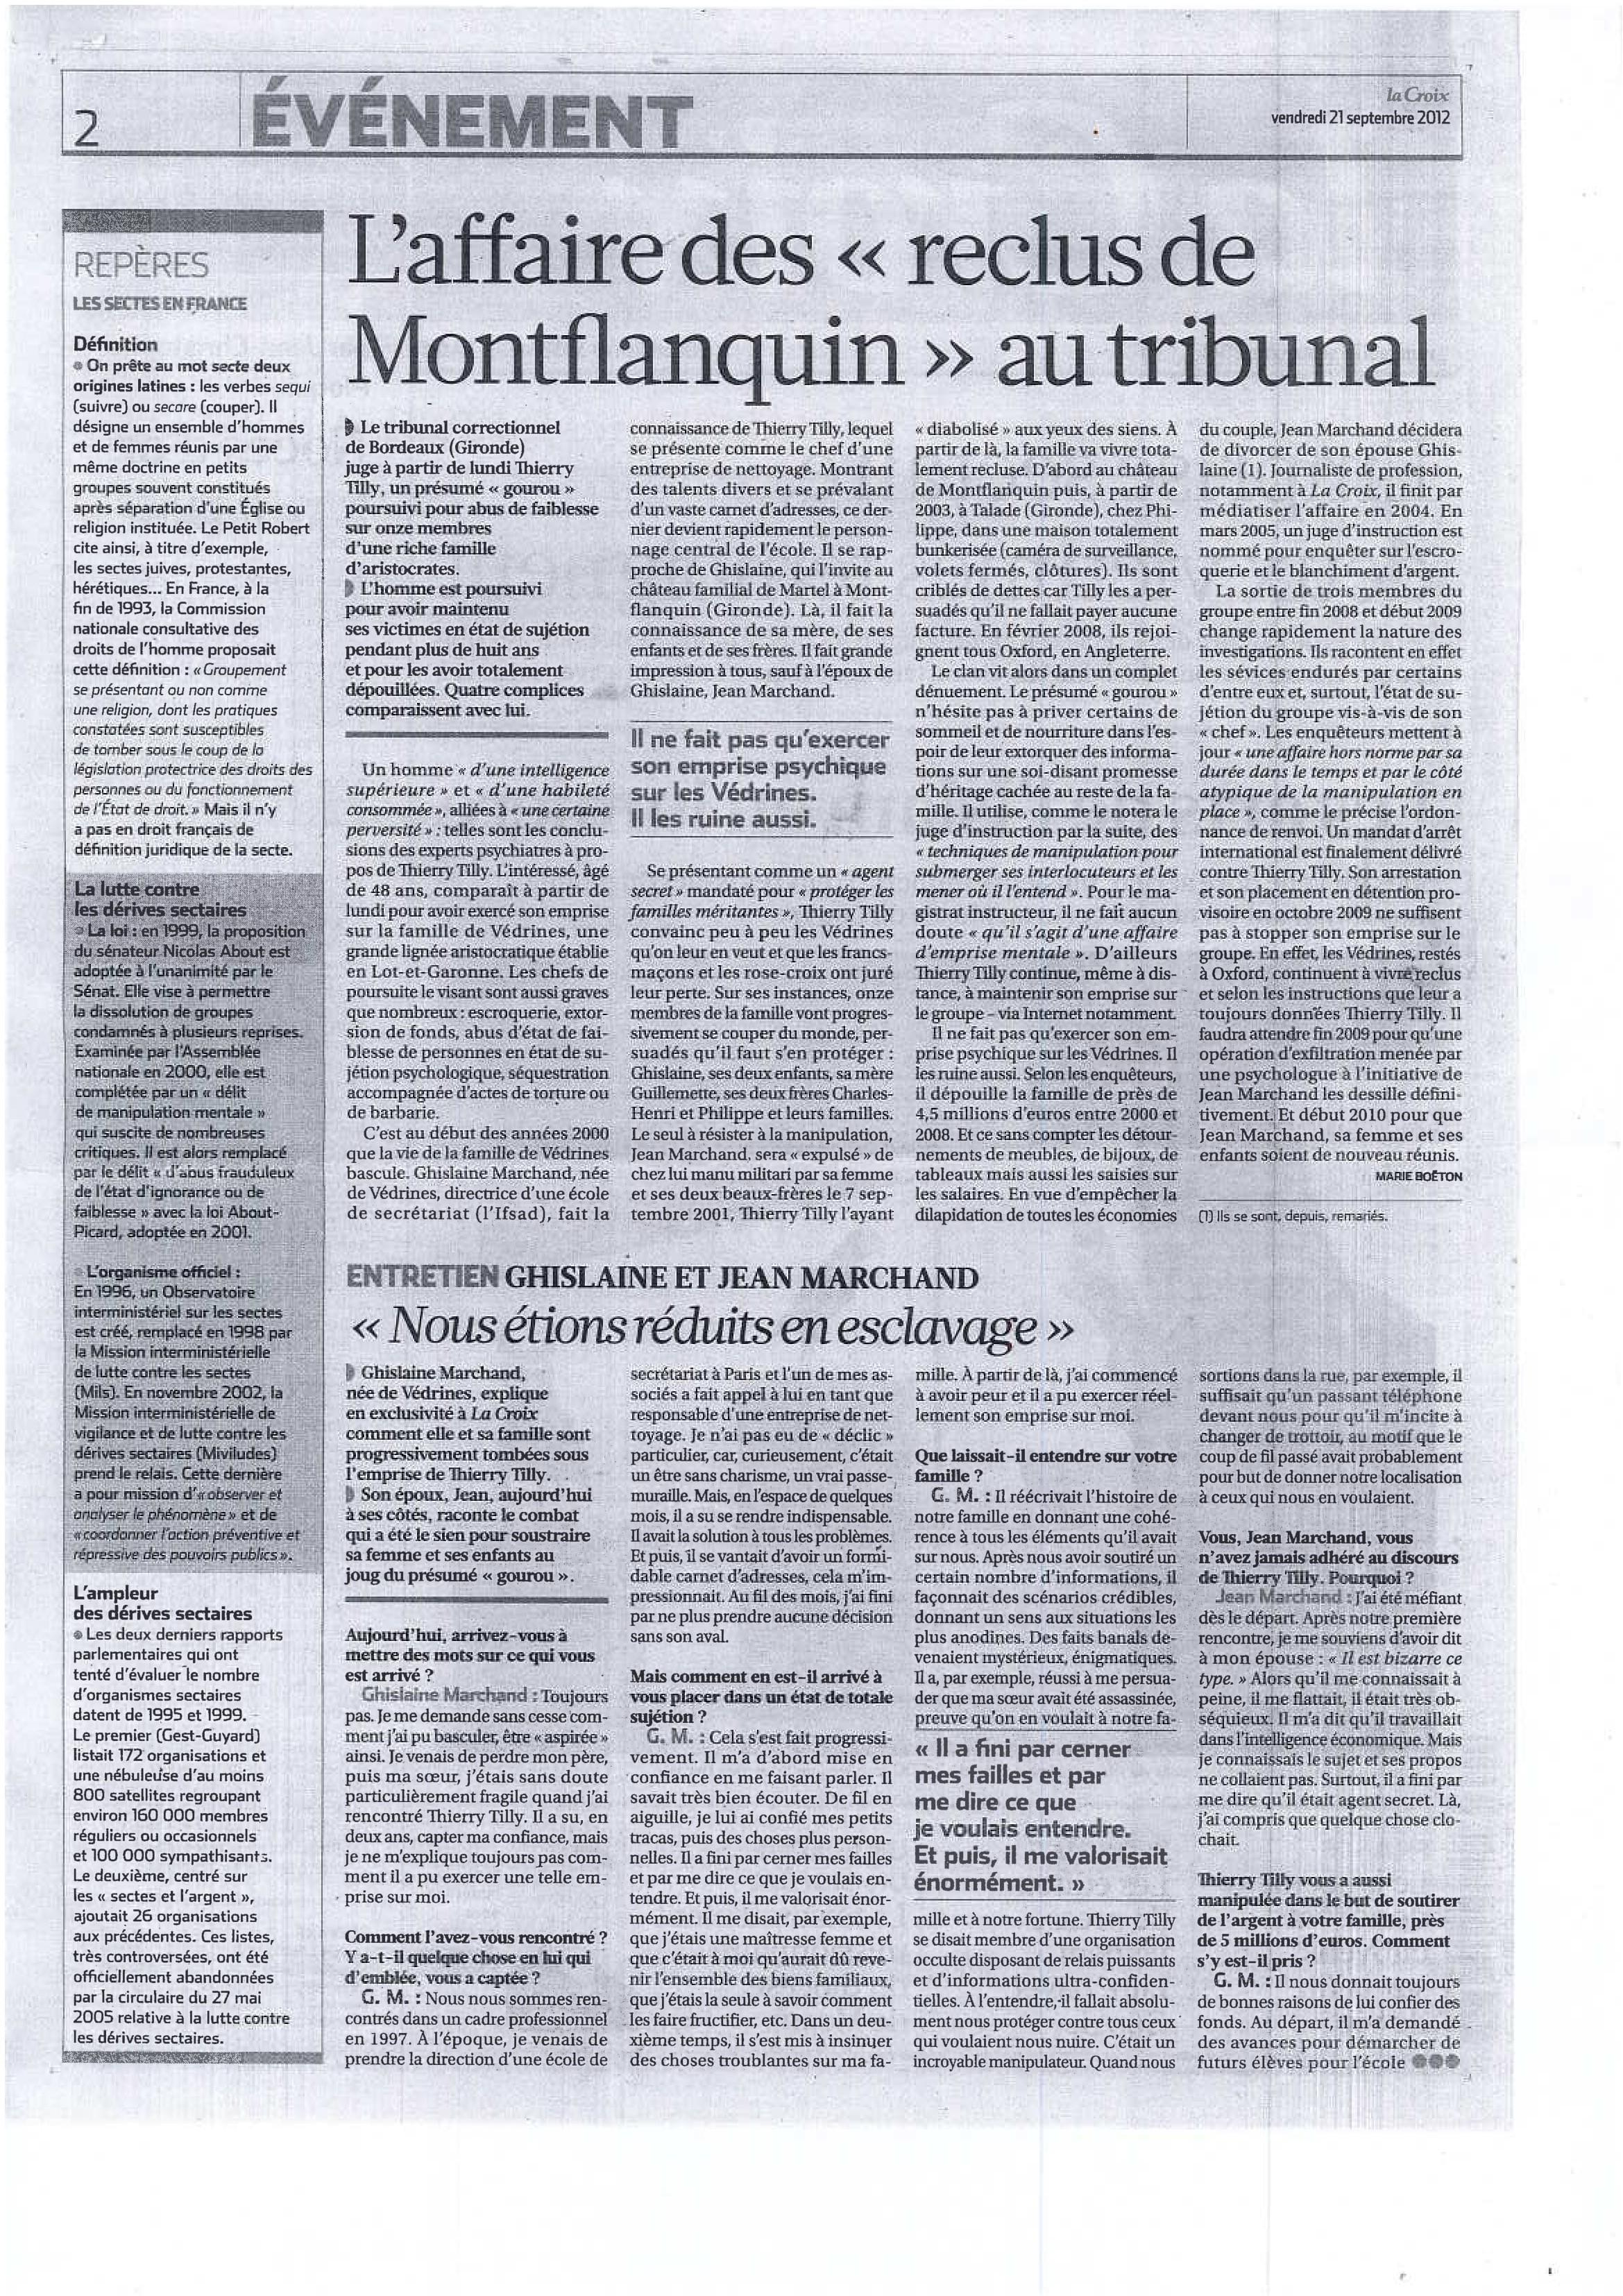 la-croix-21-septembre-2012-affaire-reclus-de-monflanquin.jpg